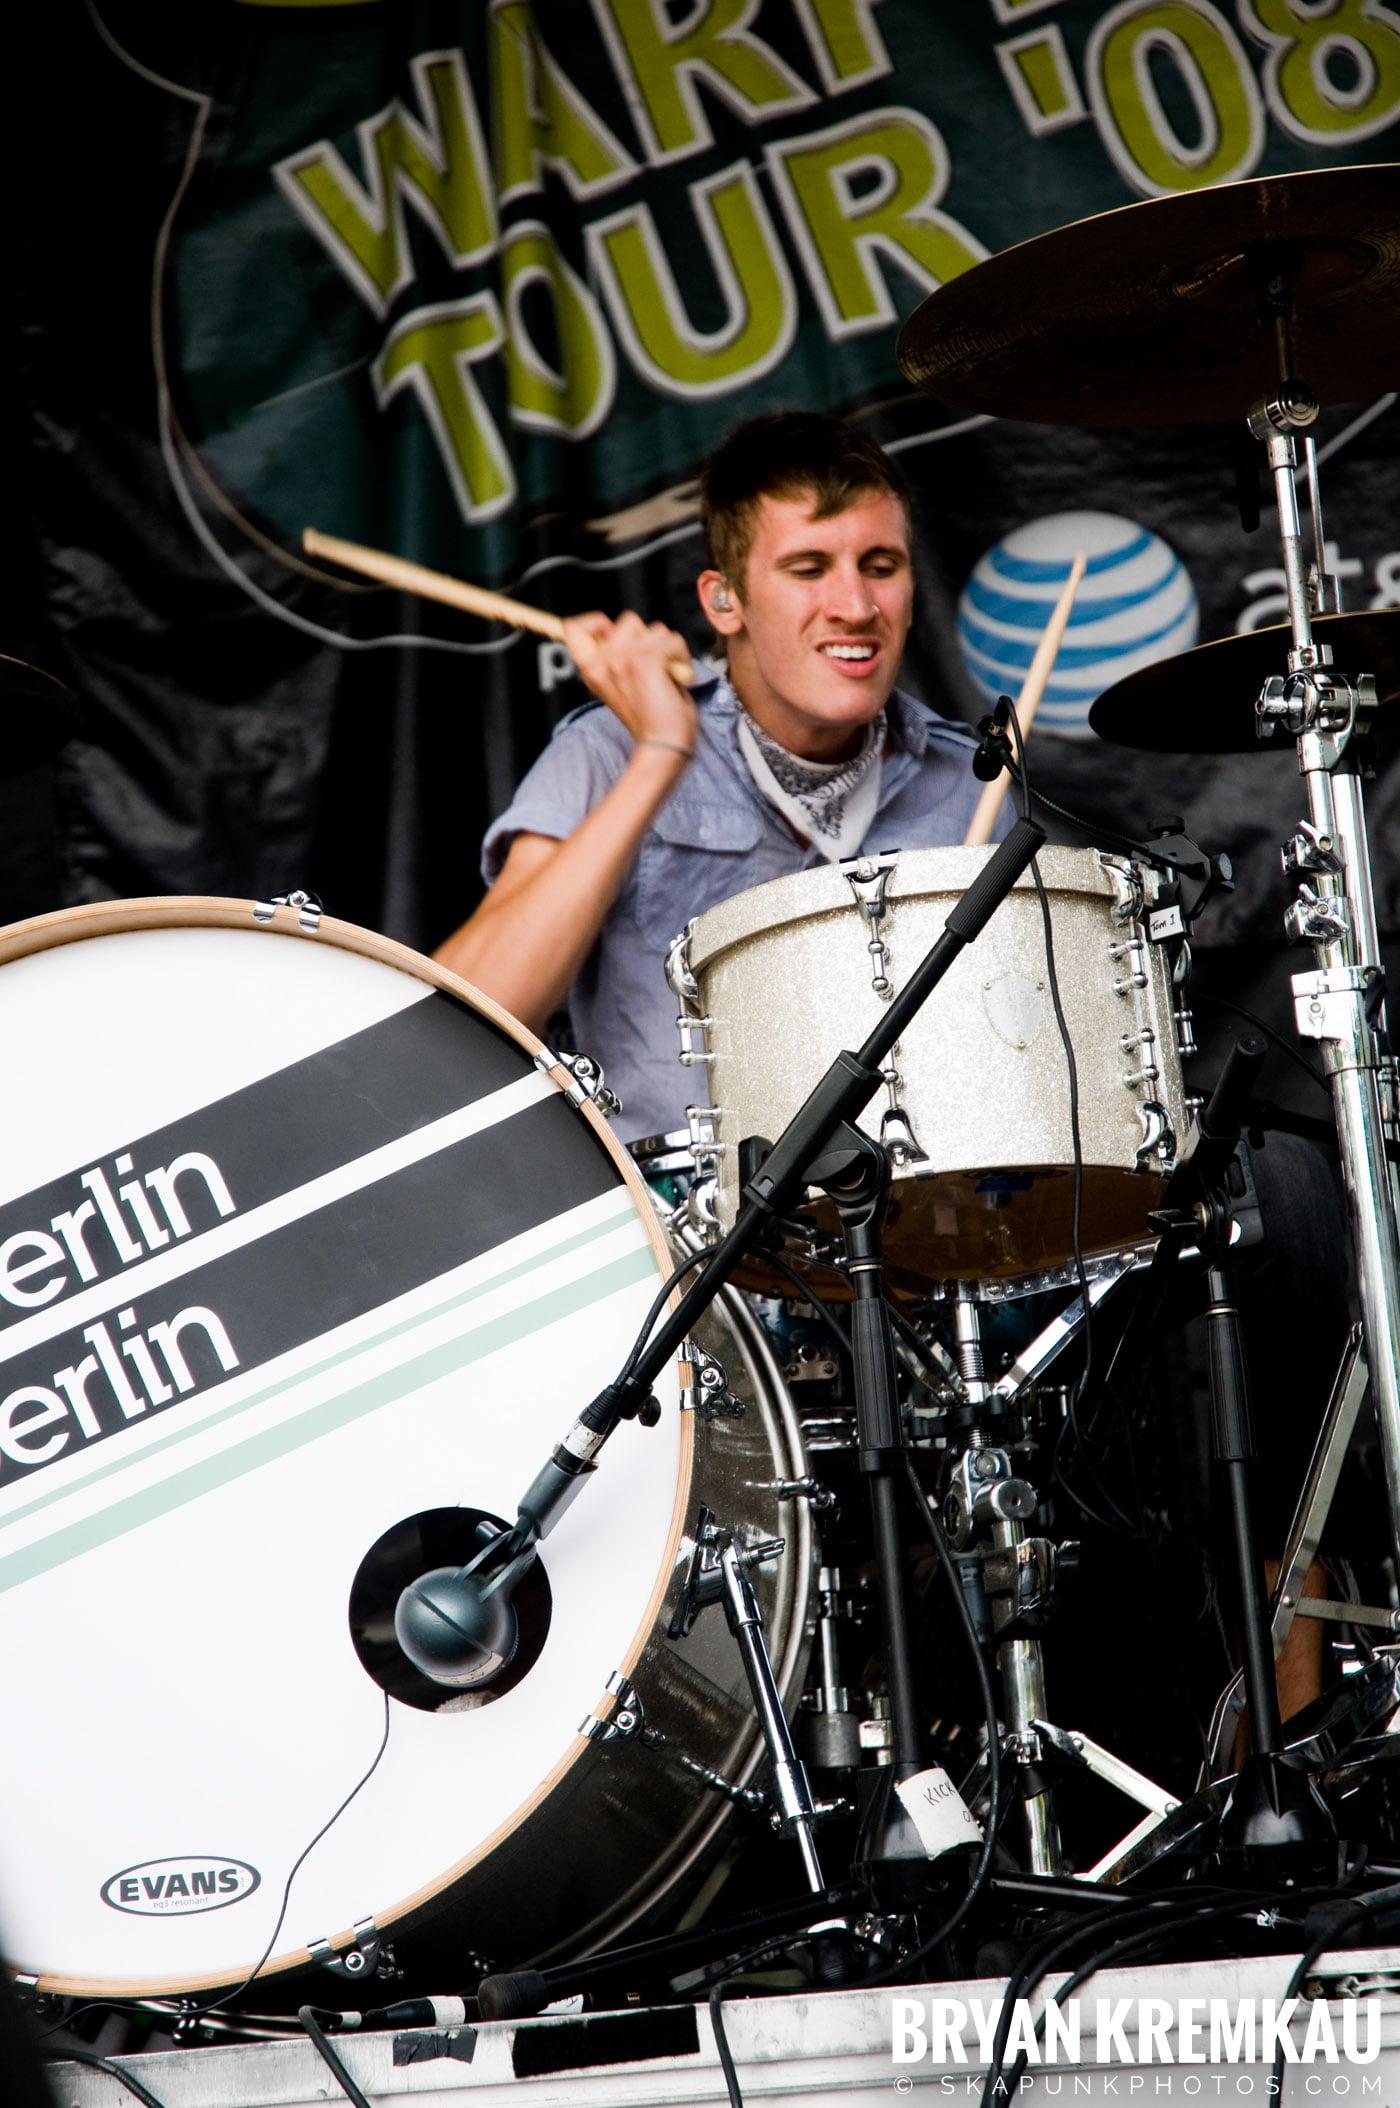 Anberlin @ Warped Tour 08, Scranton PA - 7.27.08 (11)